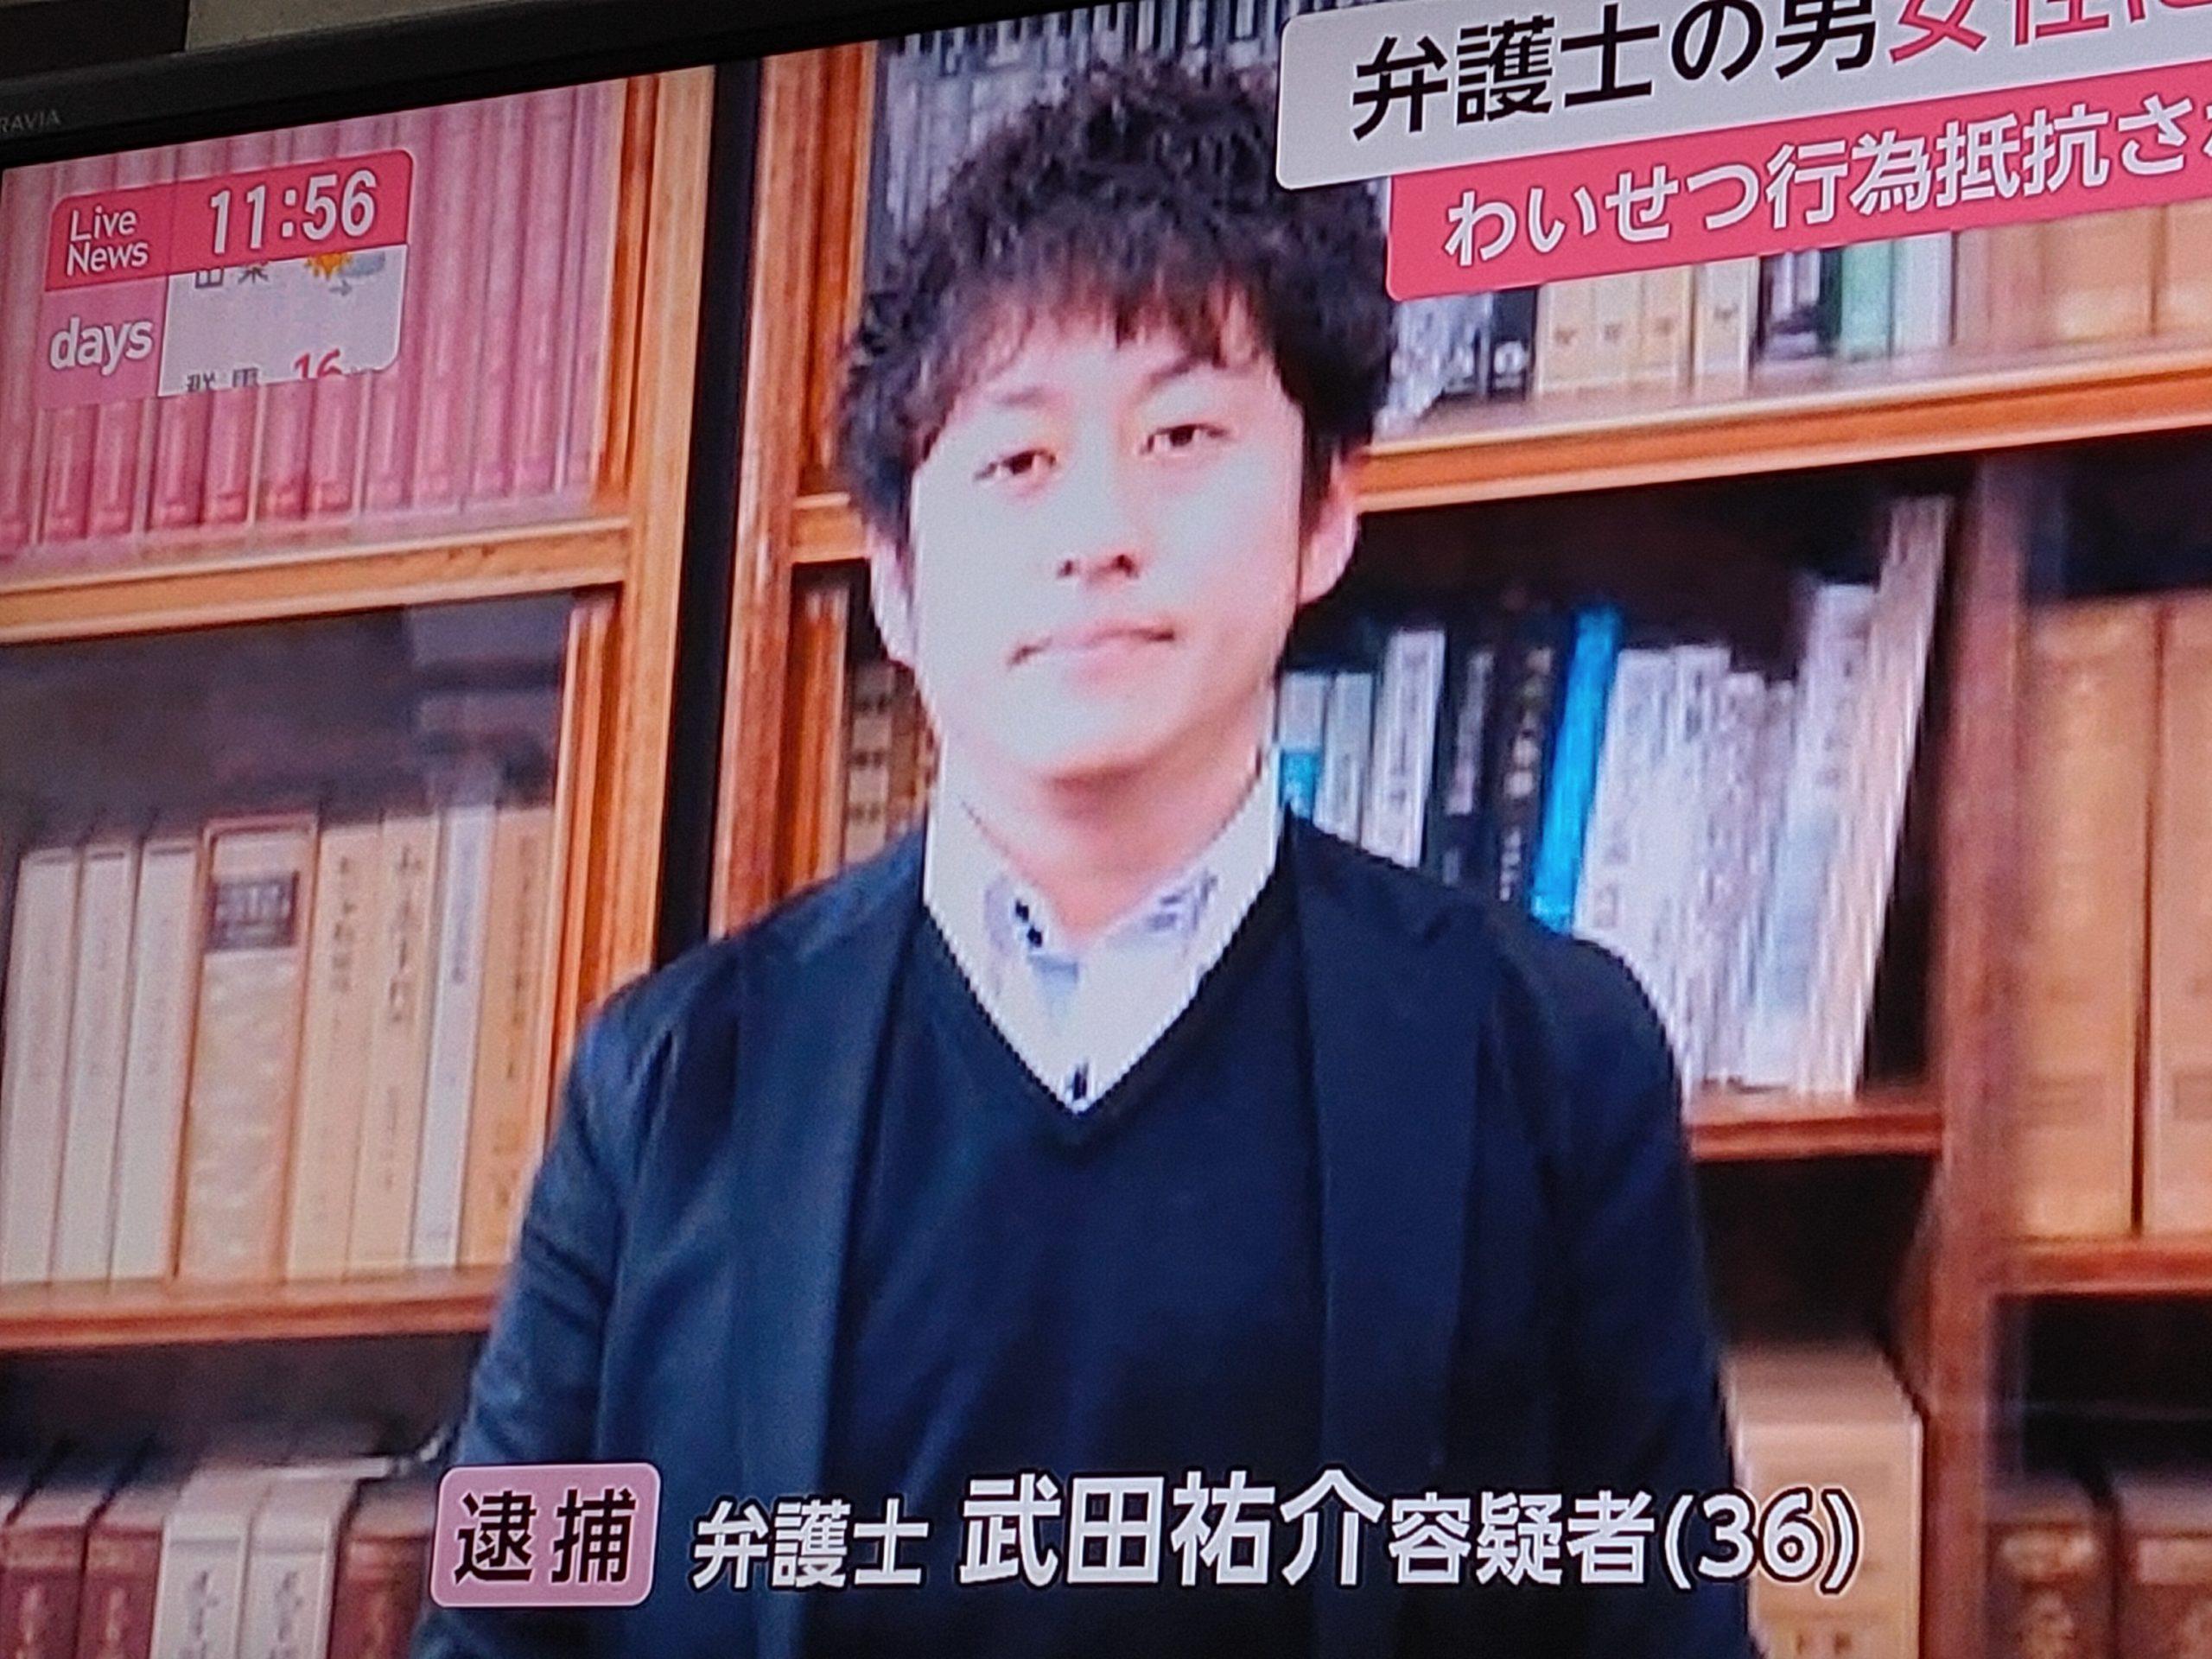 武田祐介弁護士Facebook顔画像特定!wiki経歴(大学・高校)や家族の妻や子供は?【千葉】